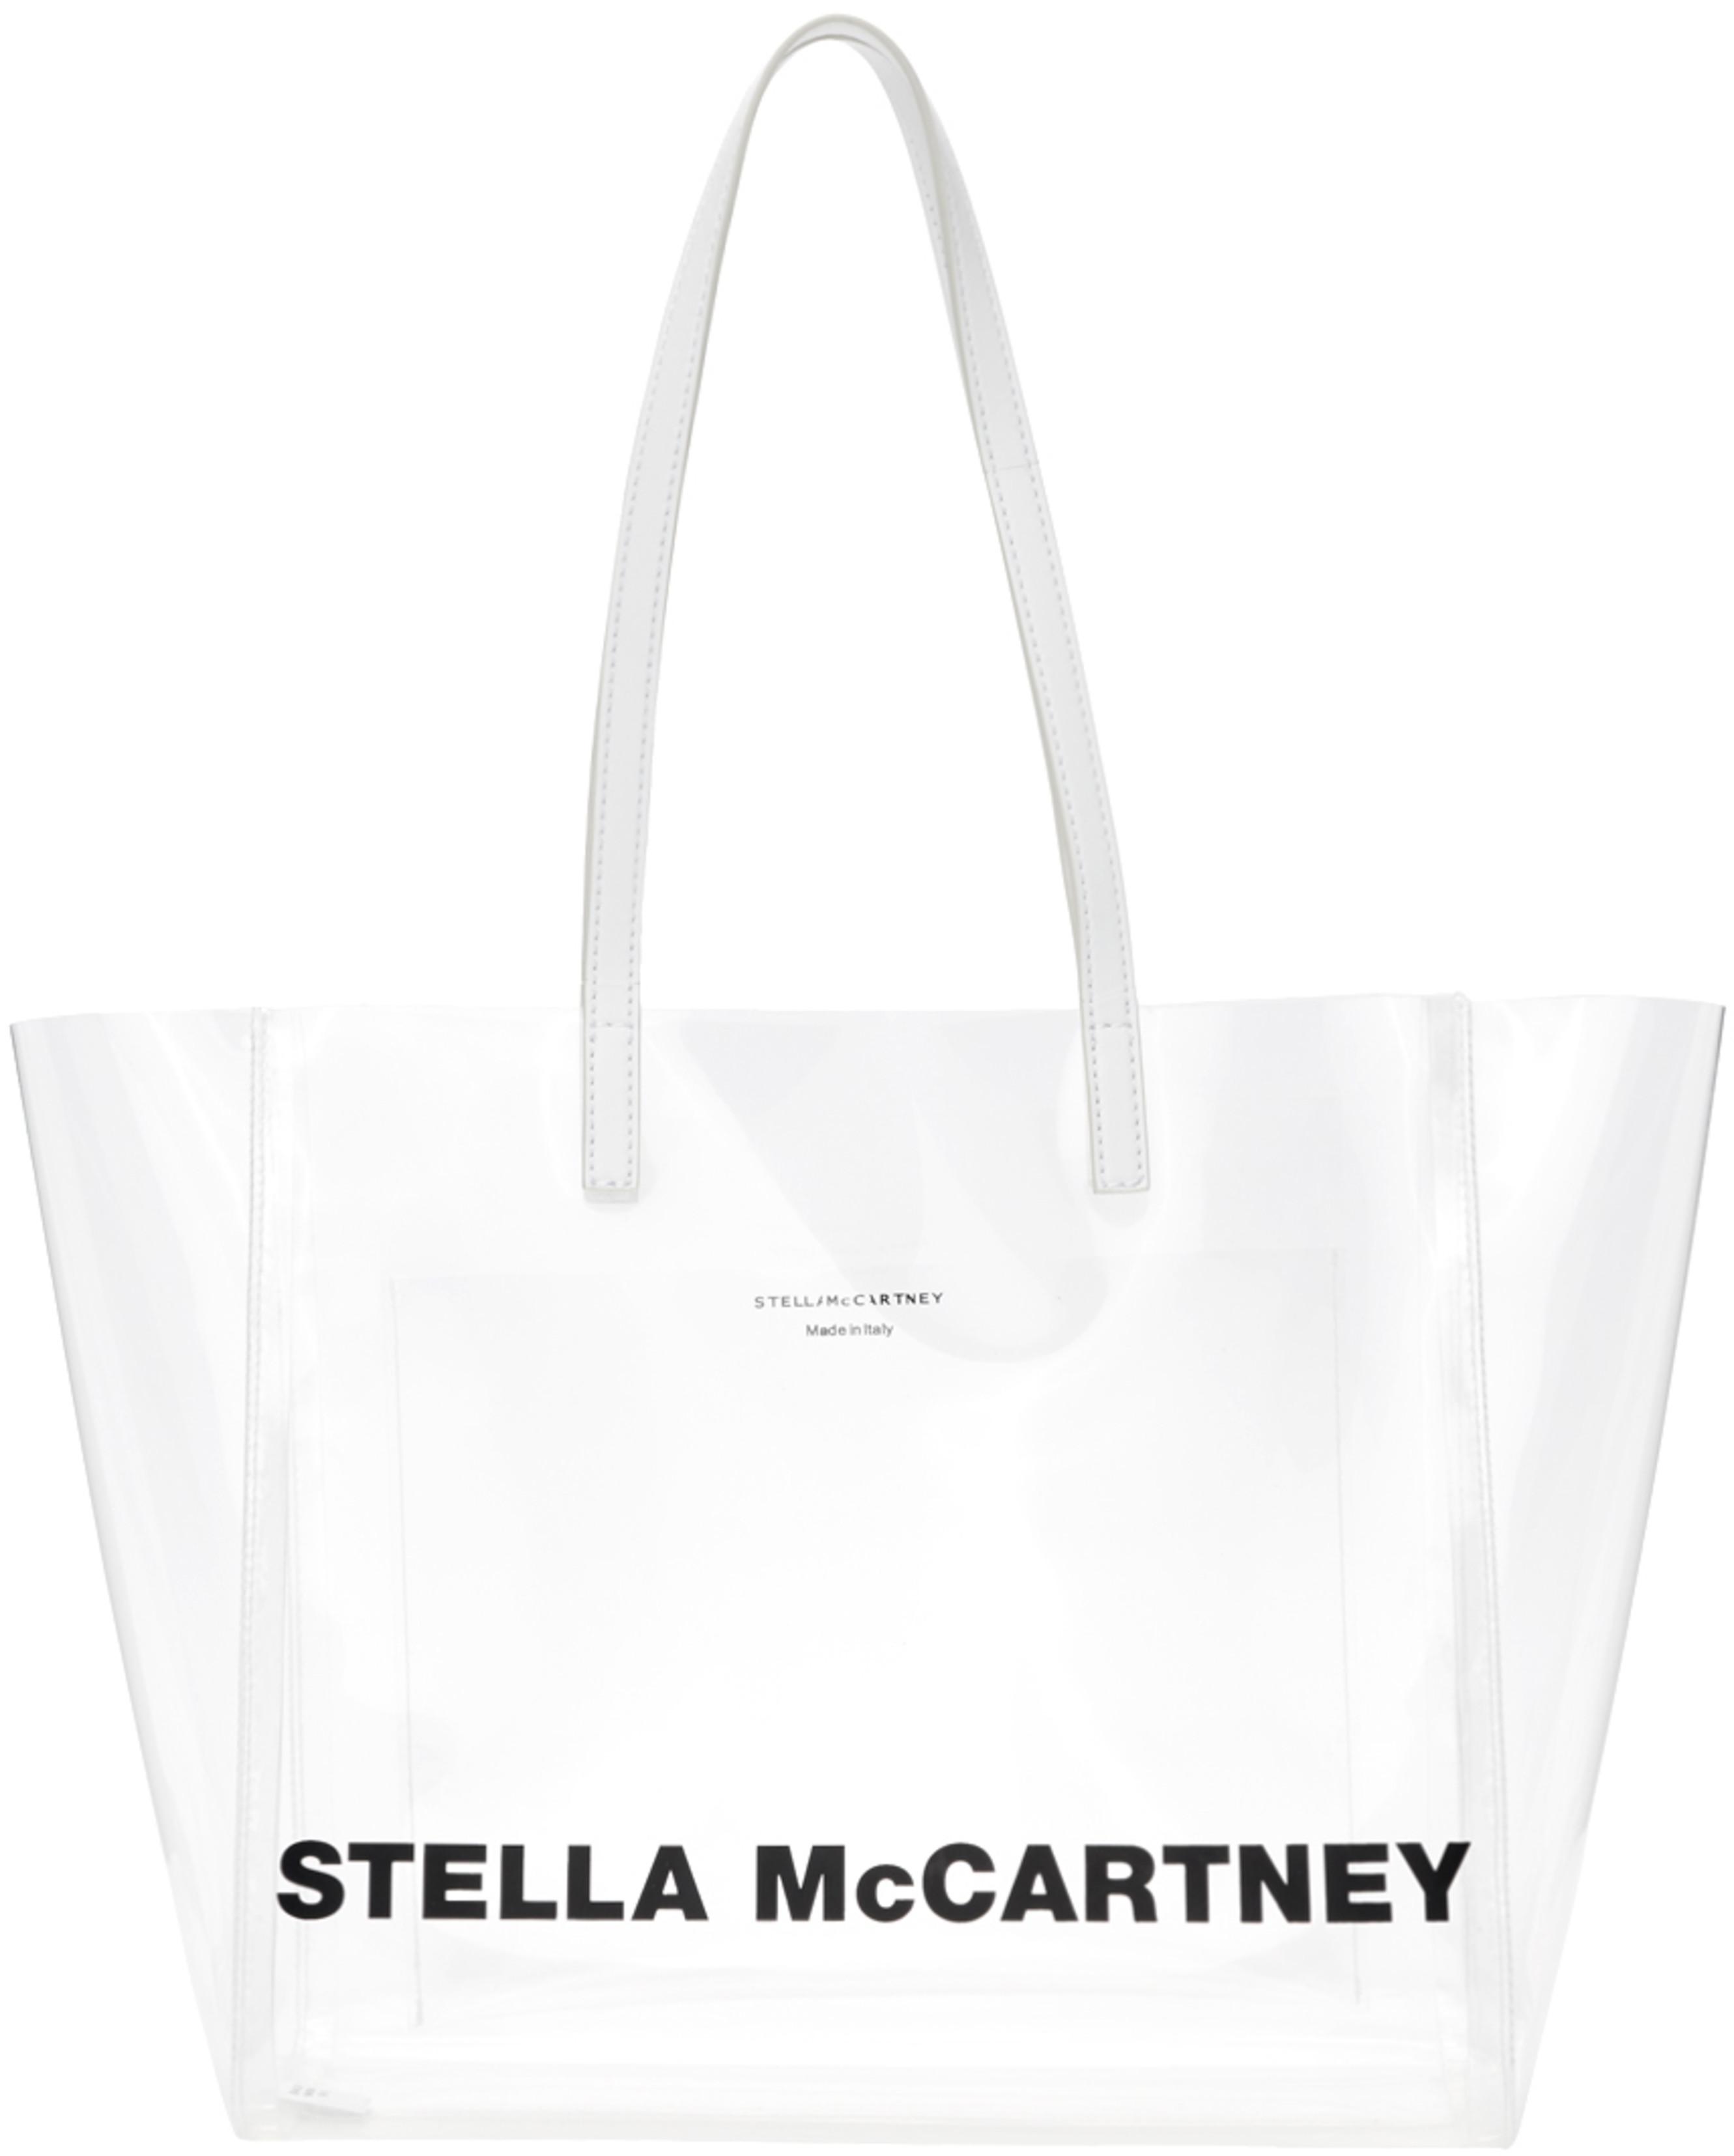 5ae23f7ad7 Stella Mccartney bags for Women